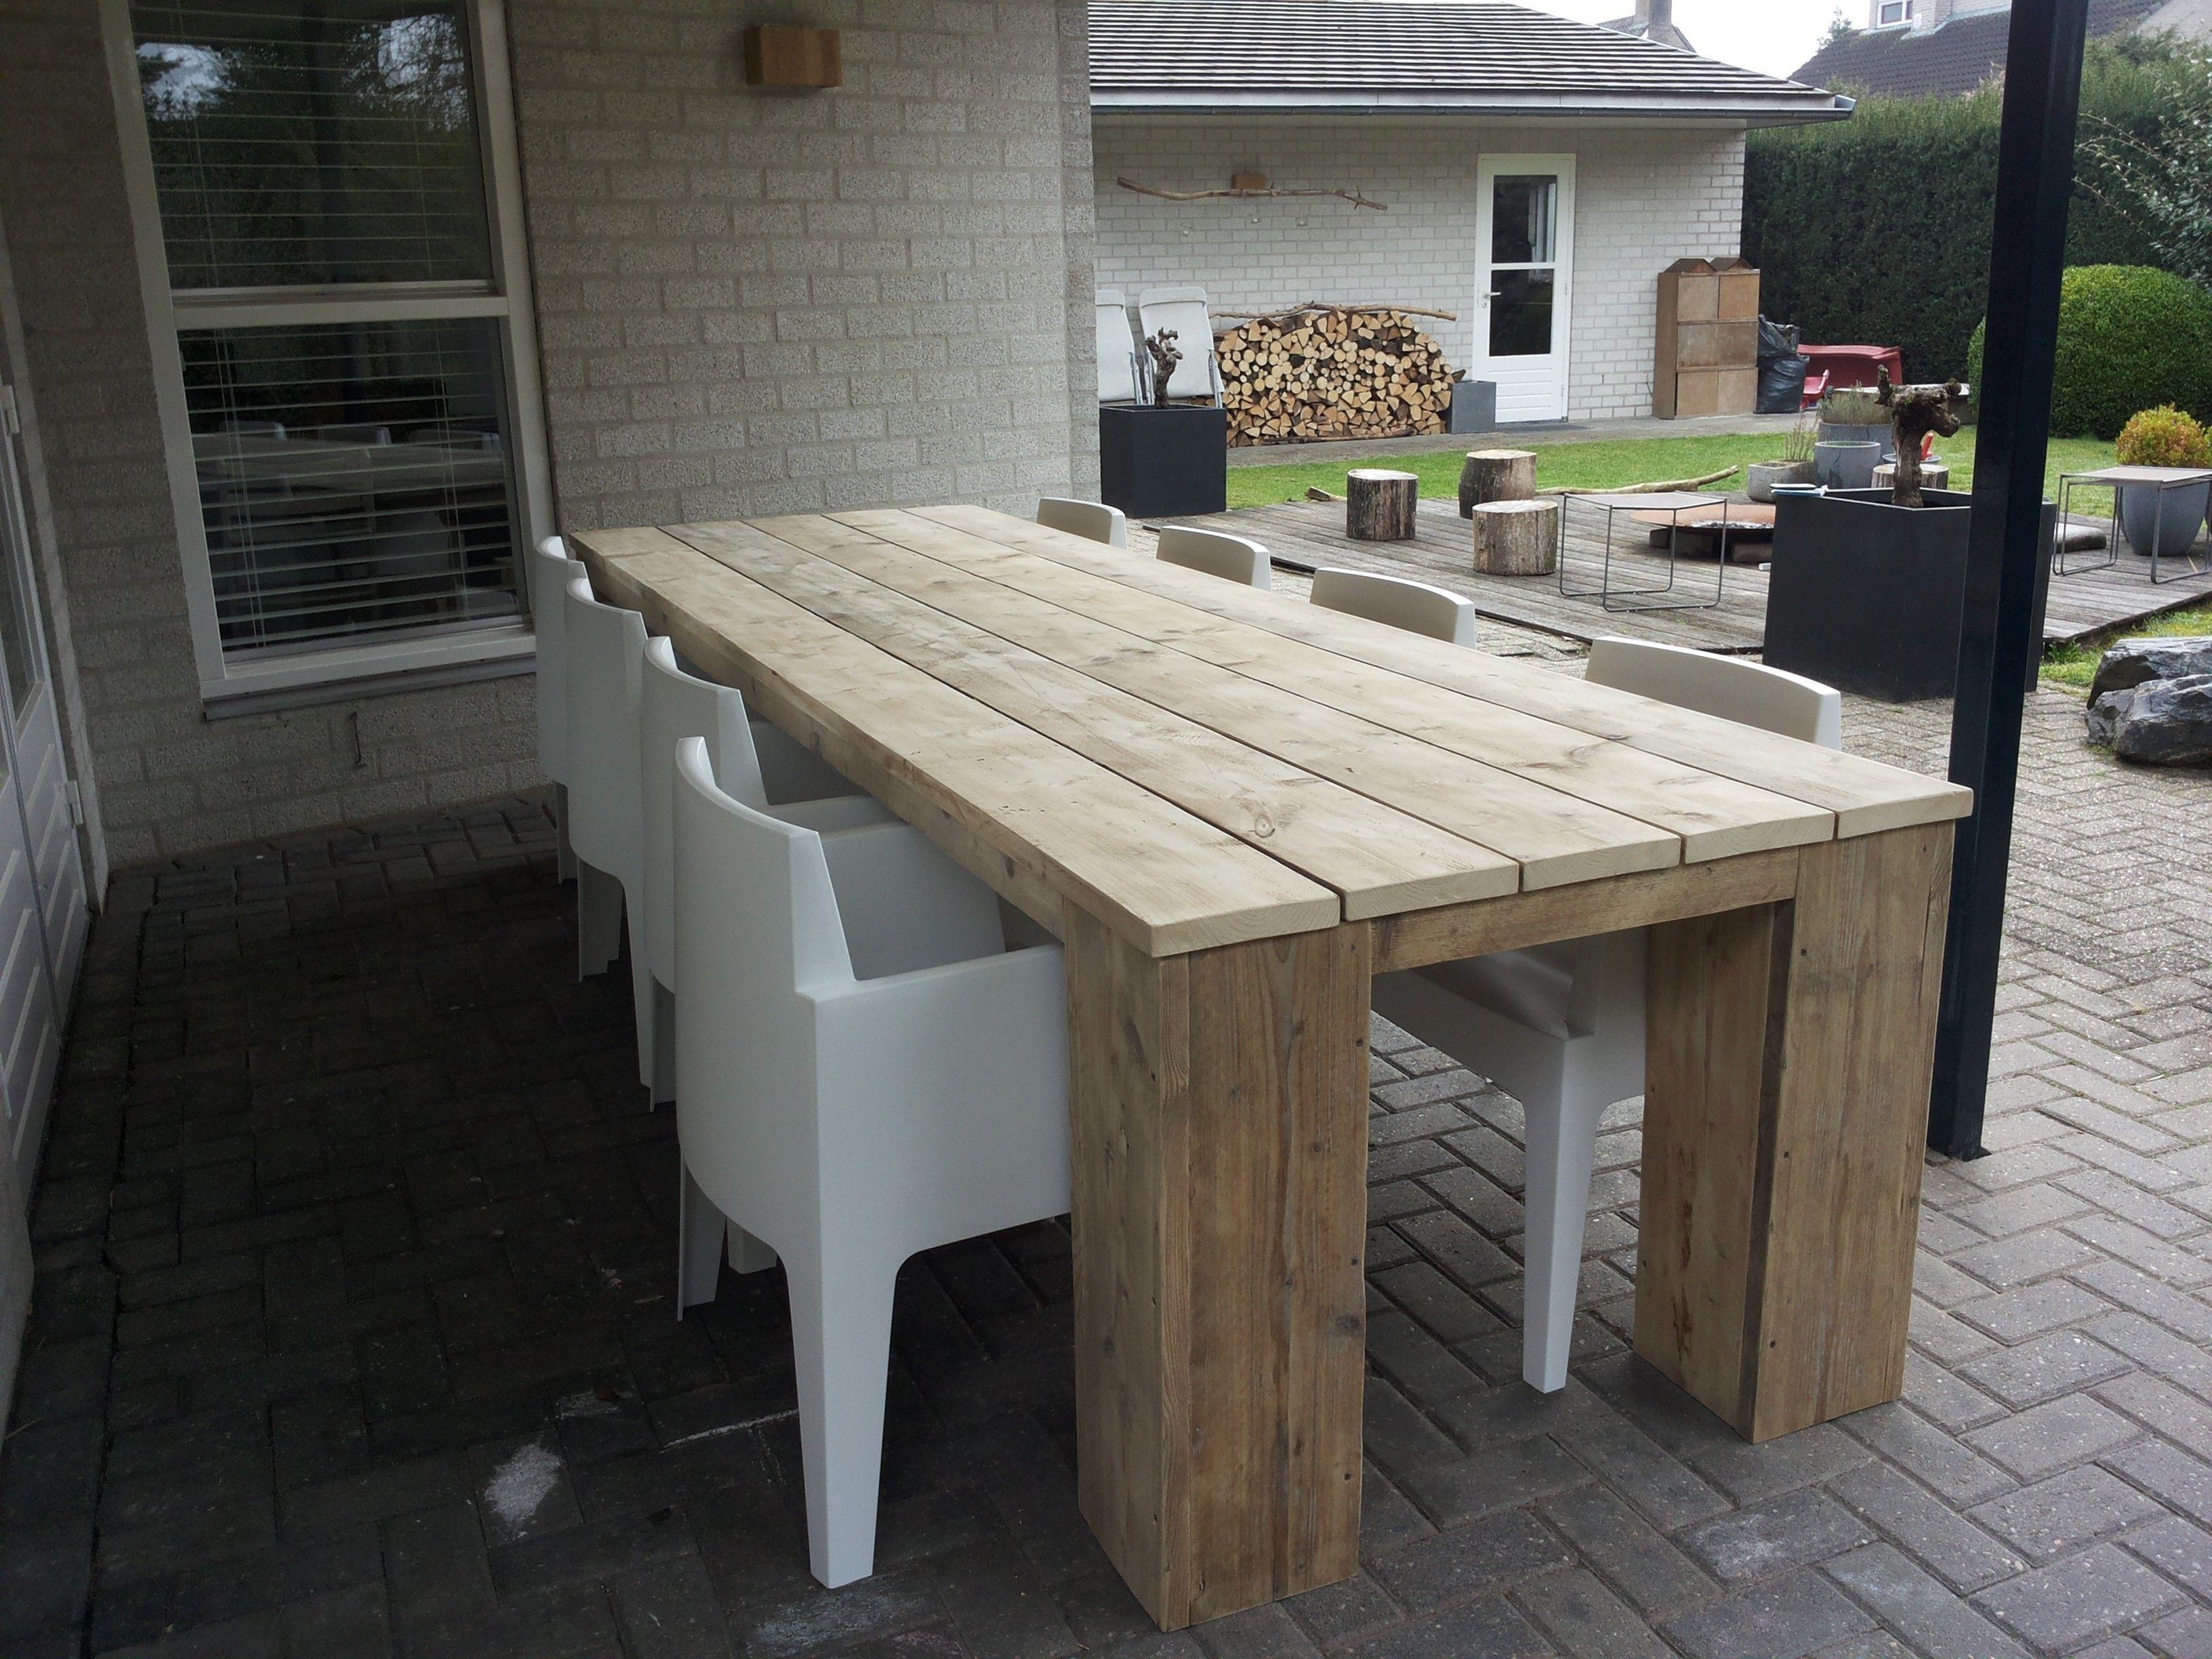 Tafels en tuintafels steigerhout alle maten en modellen